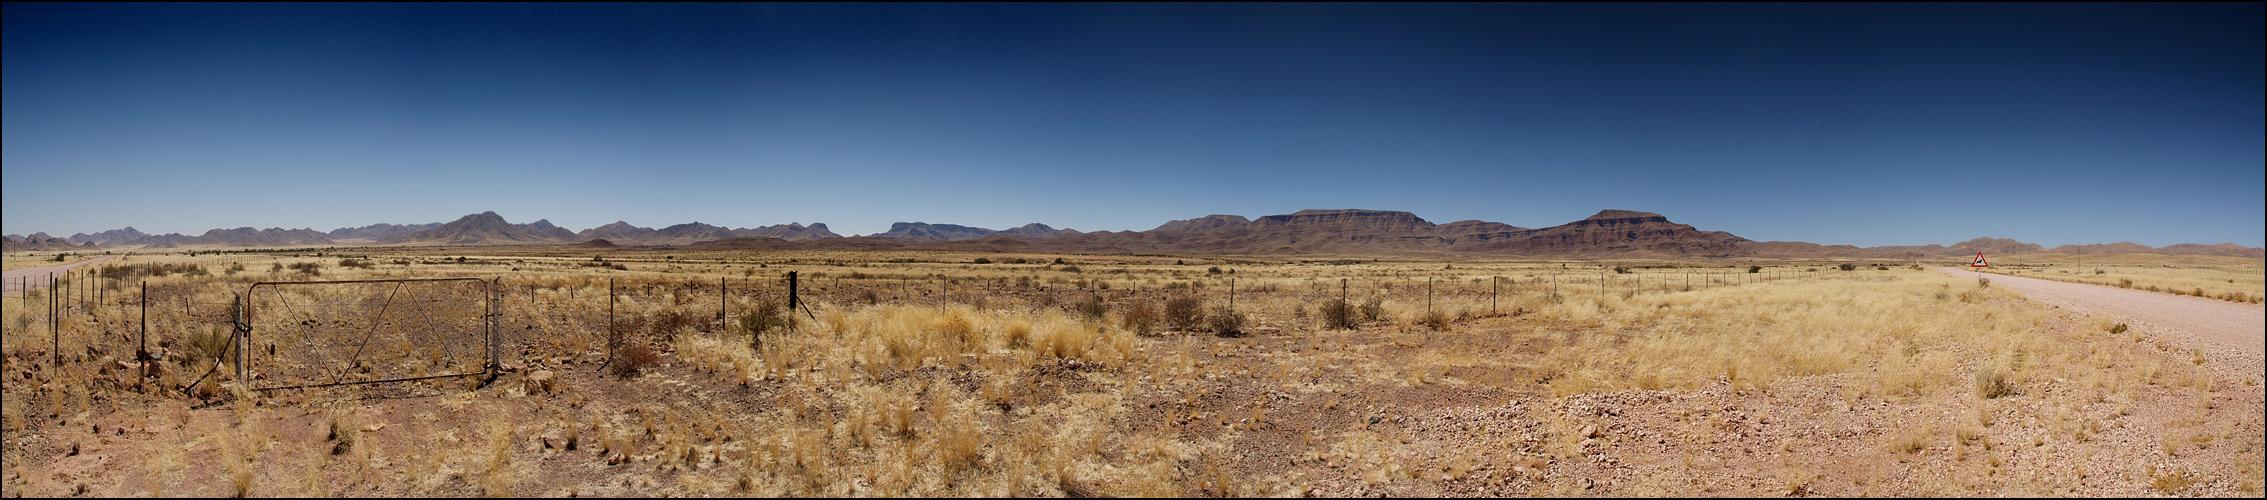 Namibia.03